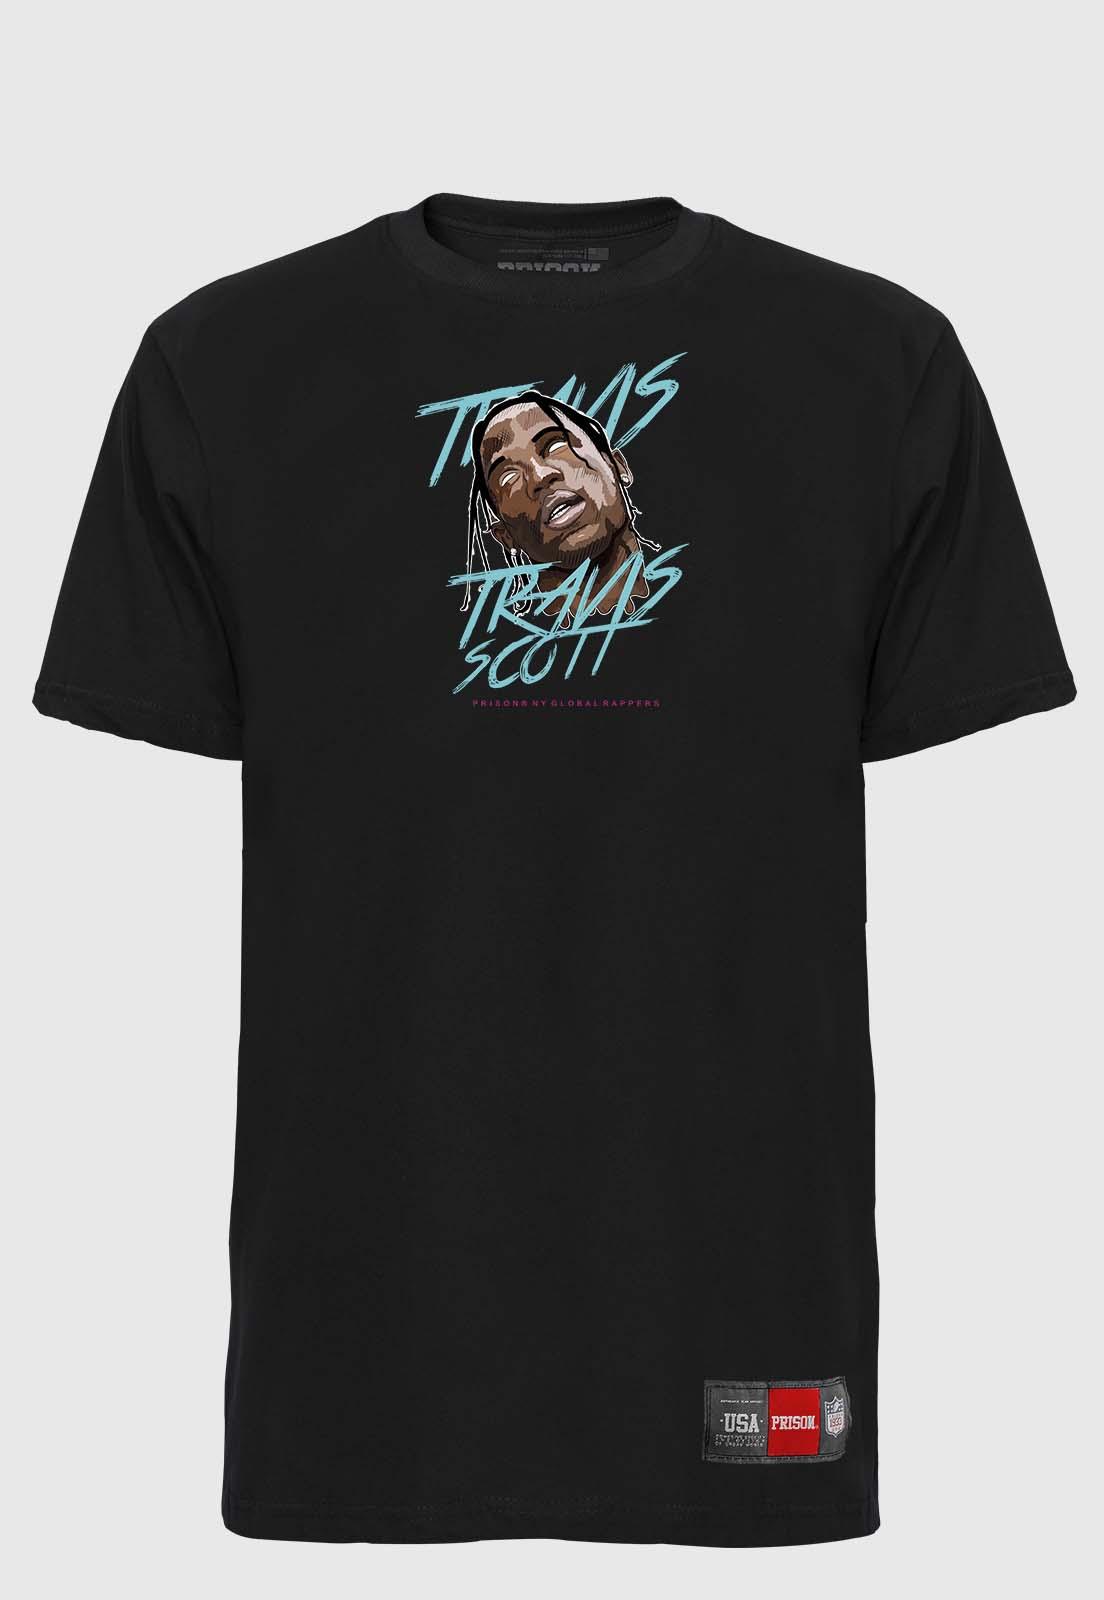 Camiseta Streetwear Prison Global Rappers Travis Scott